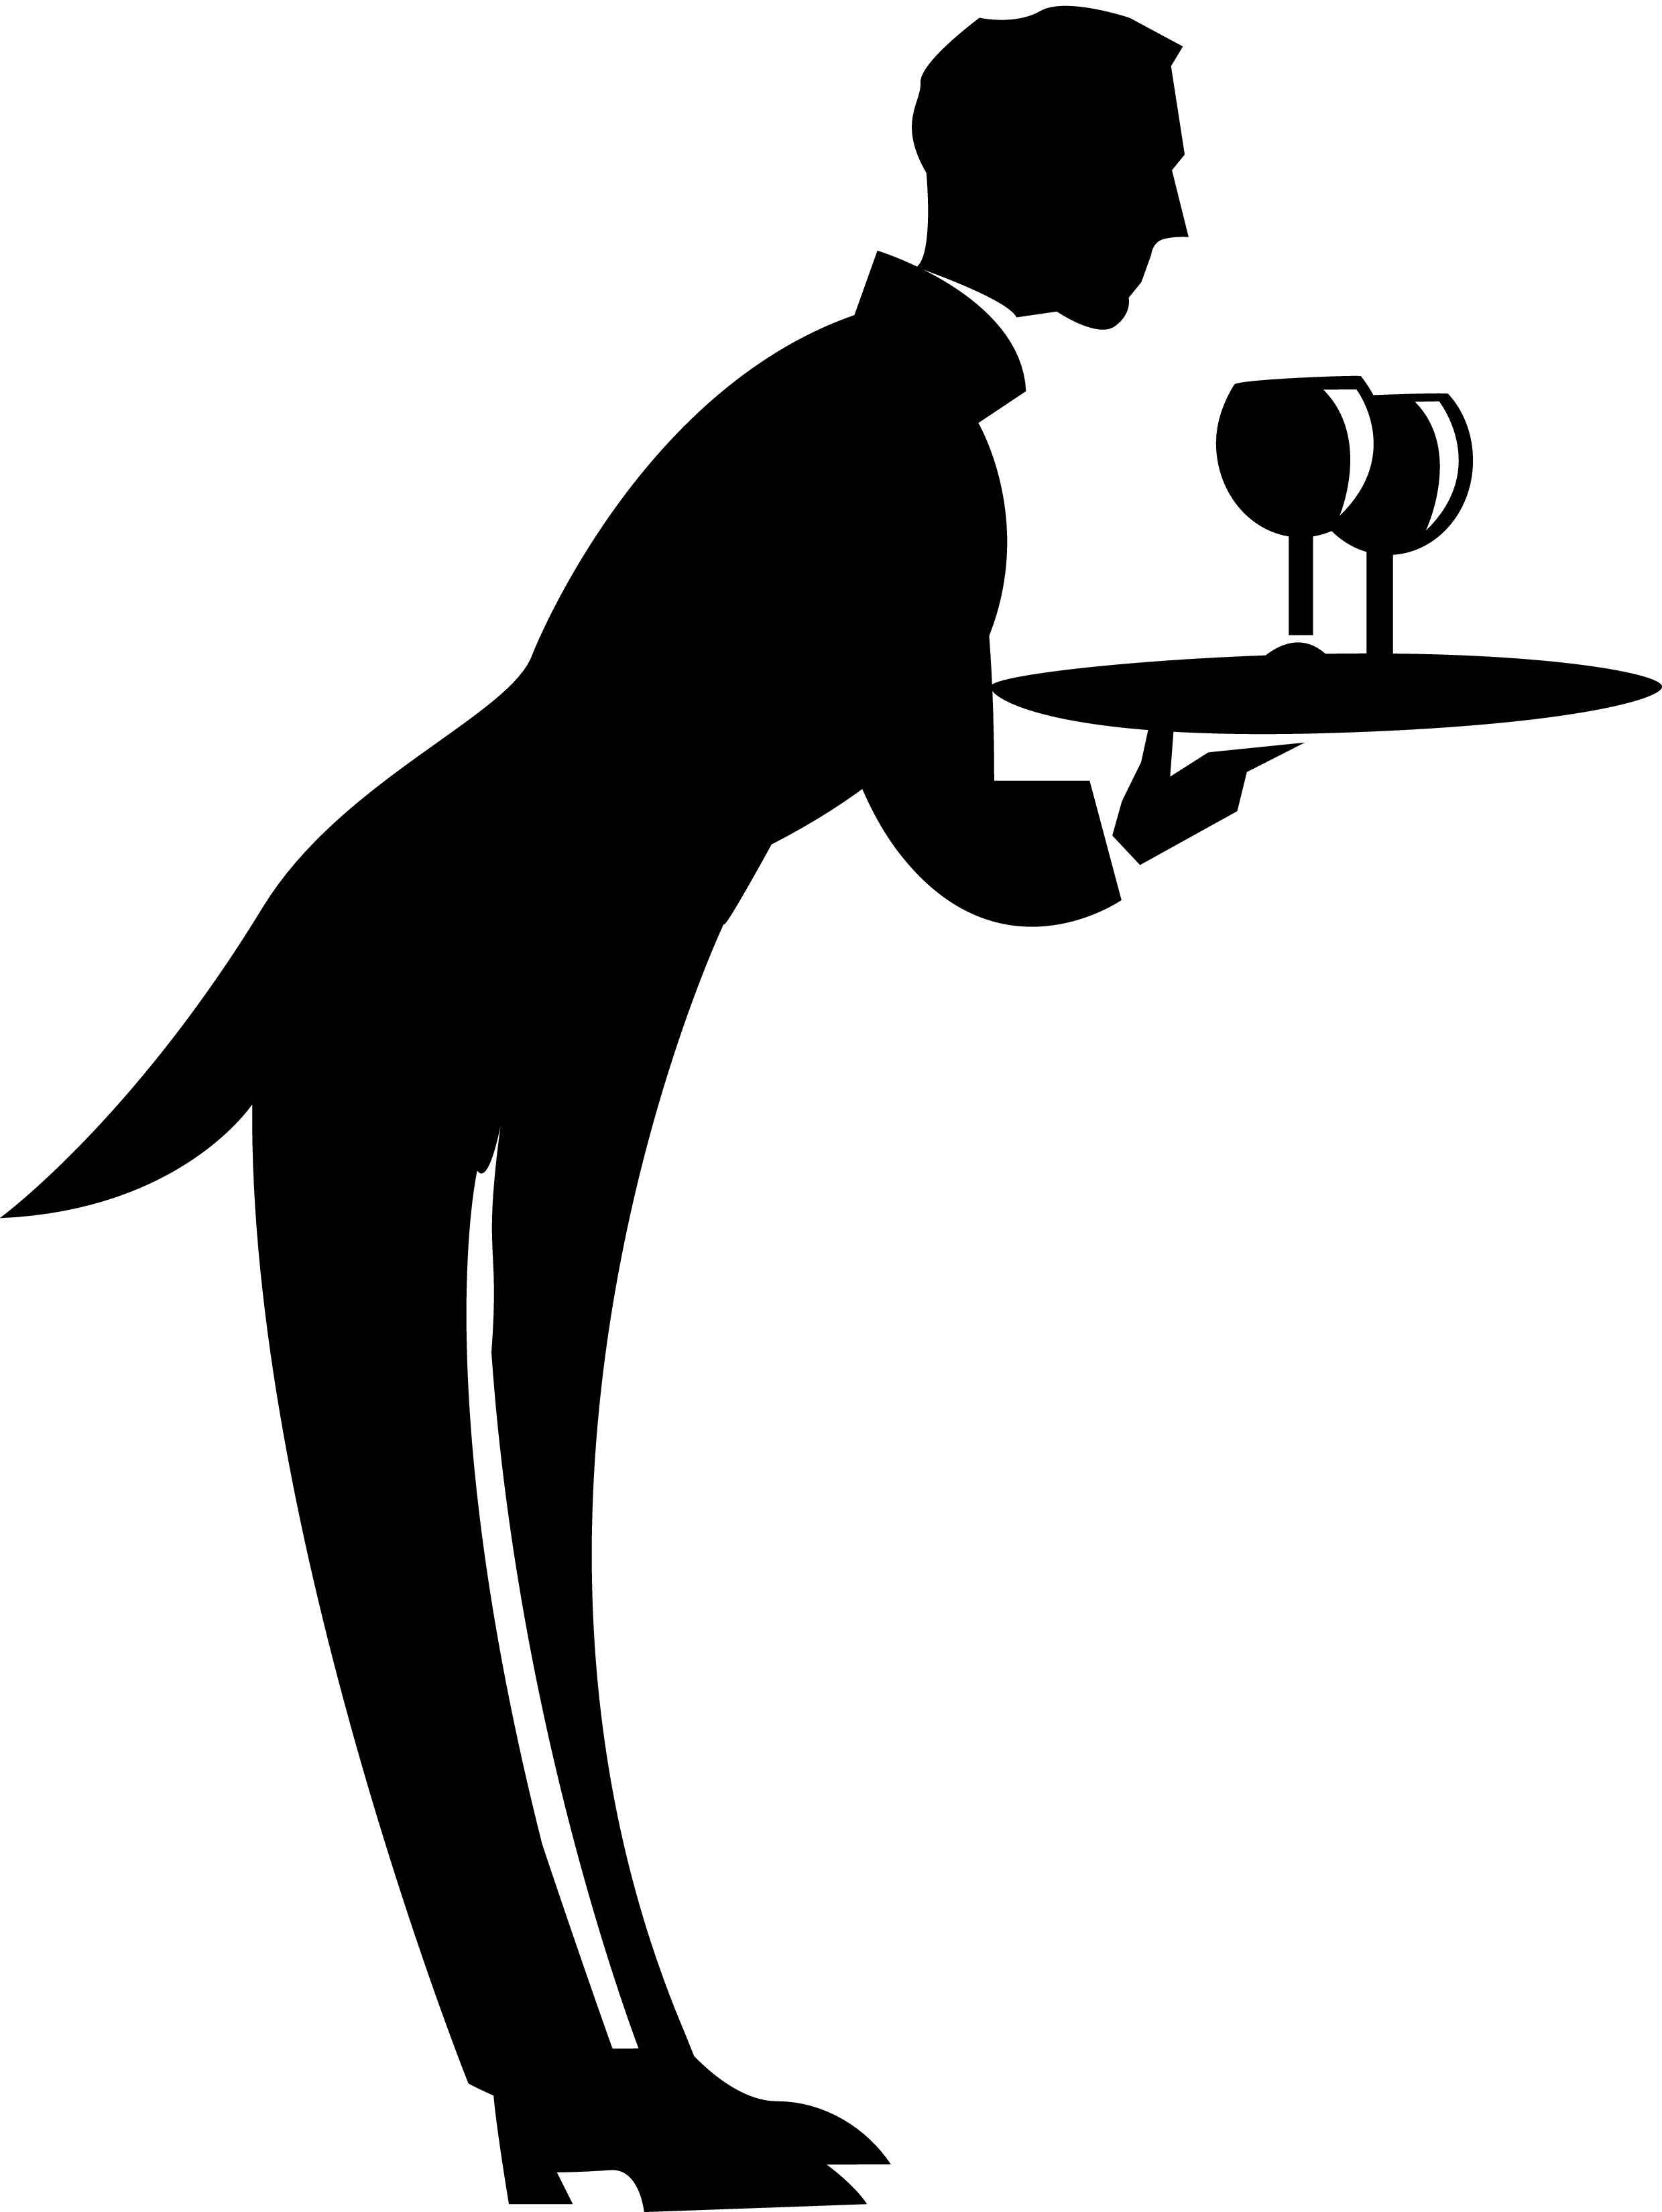 Waiter Clip Art - ClipArt Best